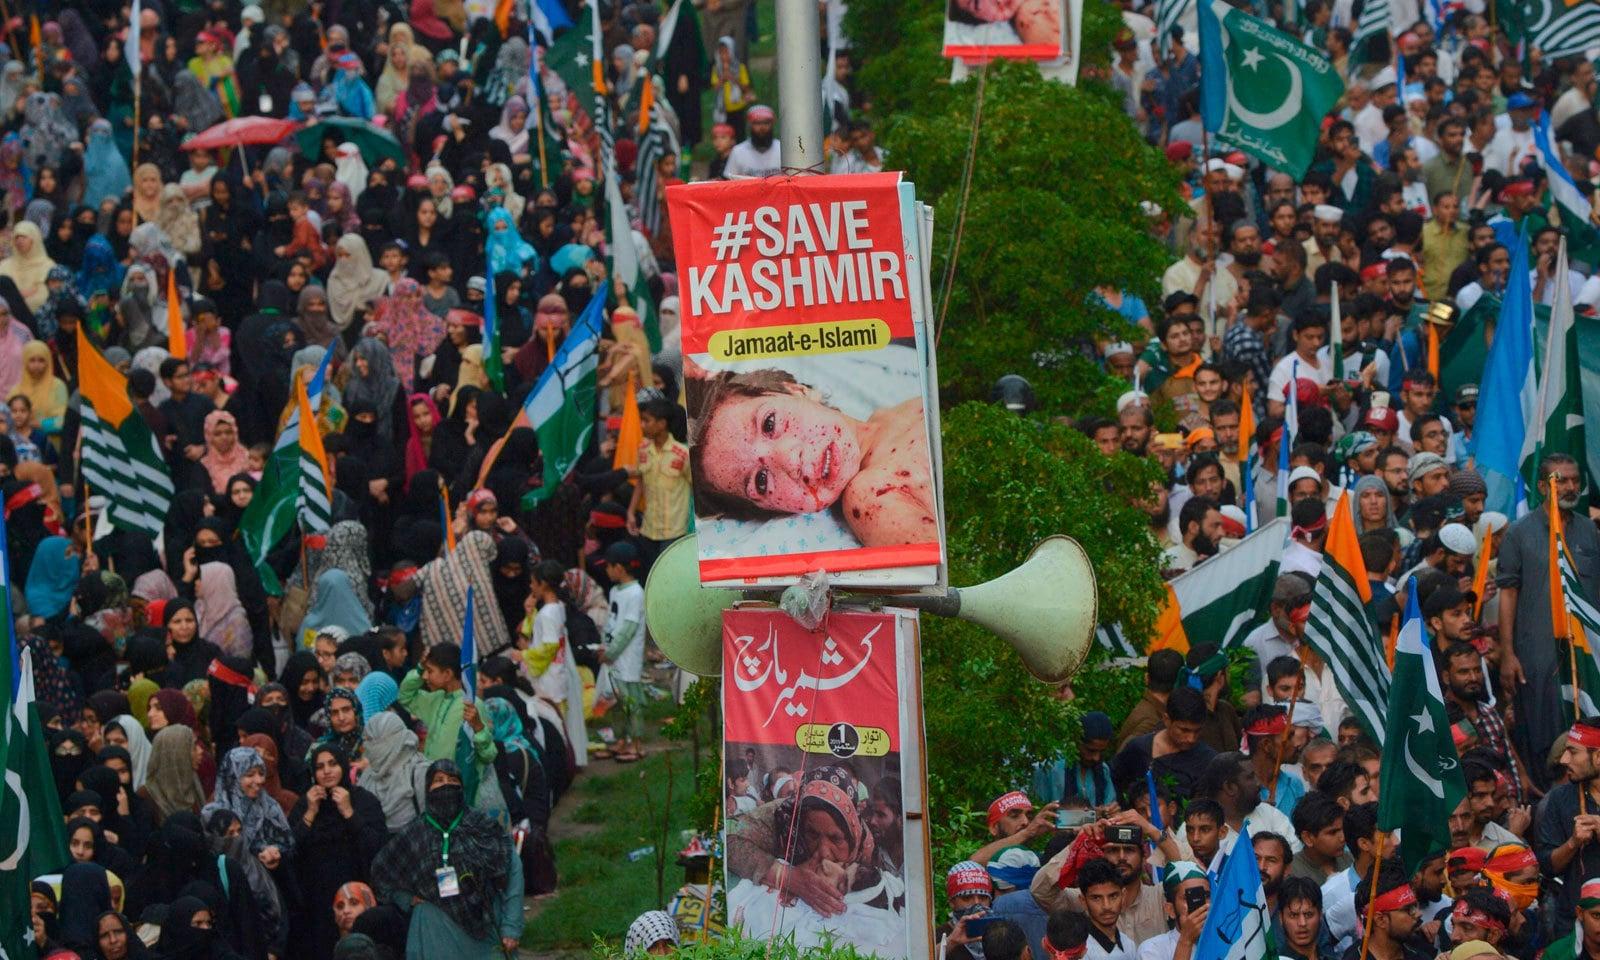 امیر جماعت اسلامی نے آزادی کشمیر مارچ سے خطاب کیا — فوٹو: اے ایف پی